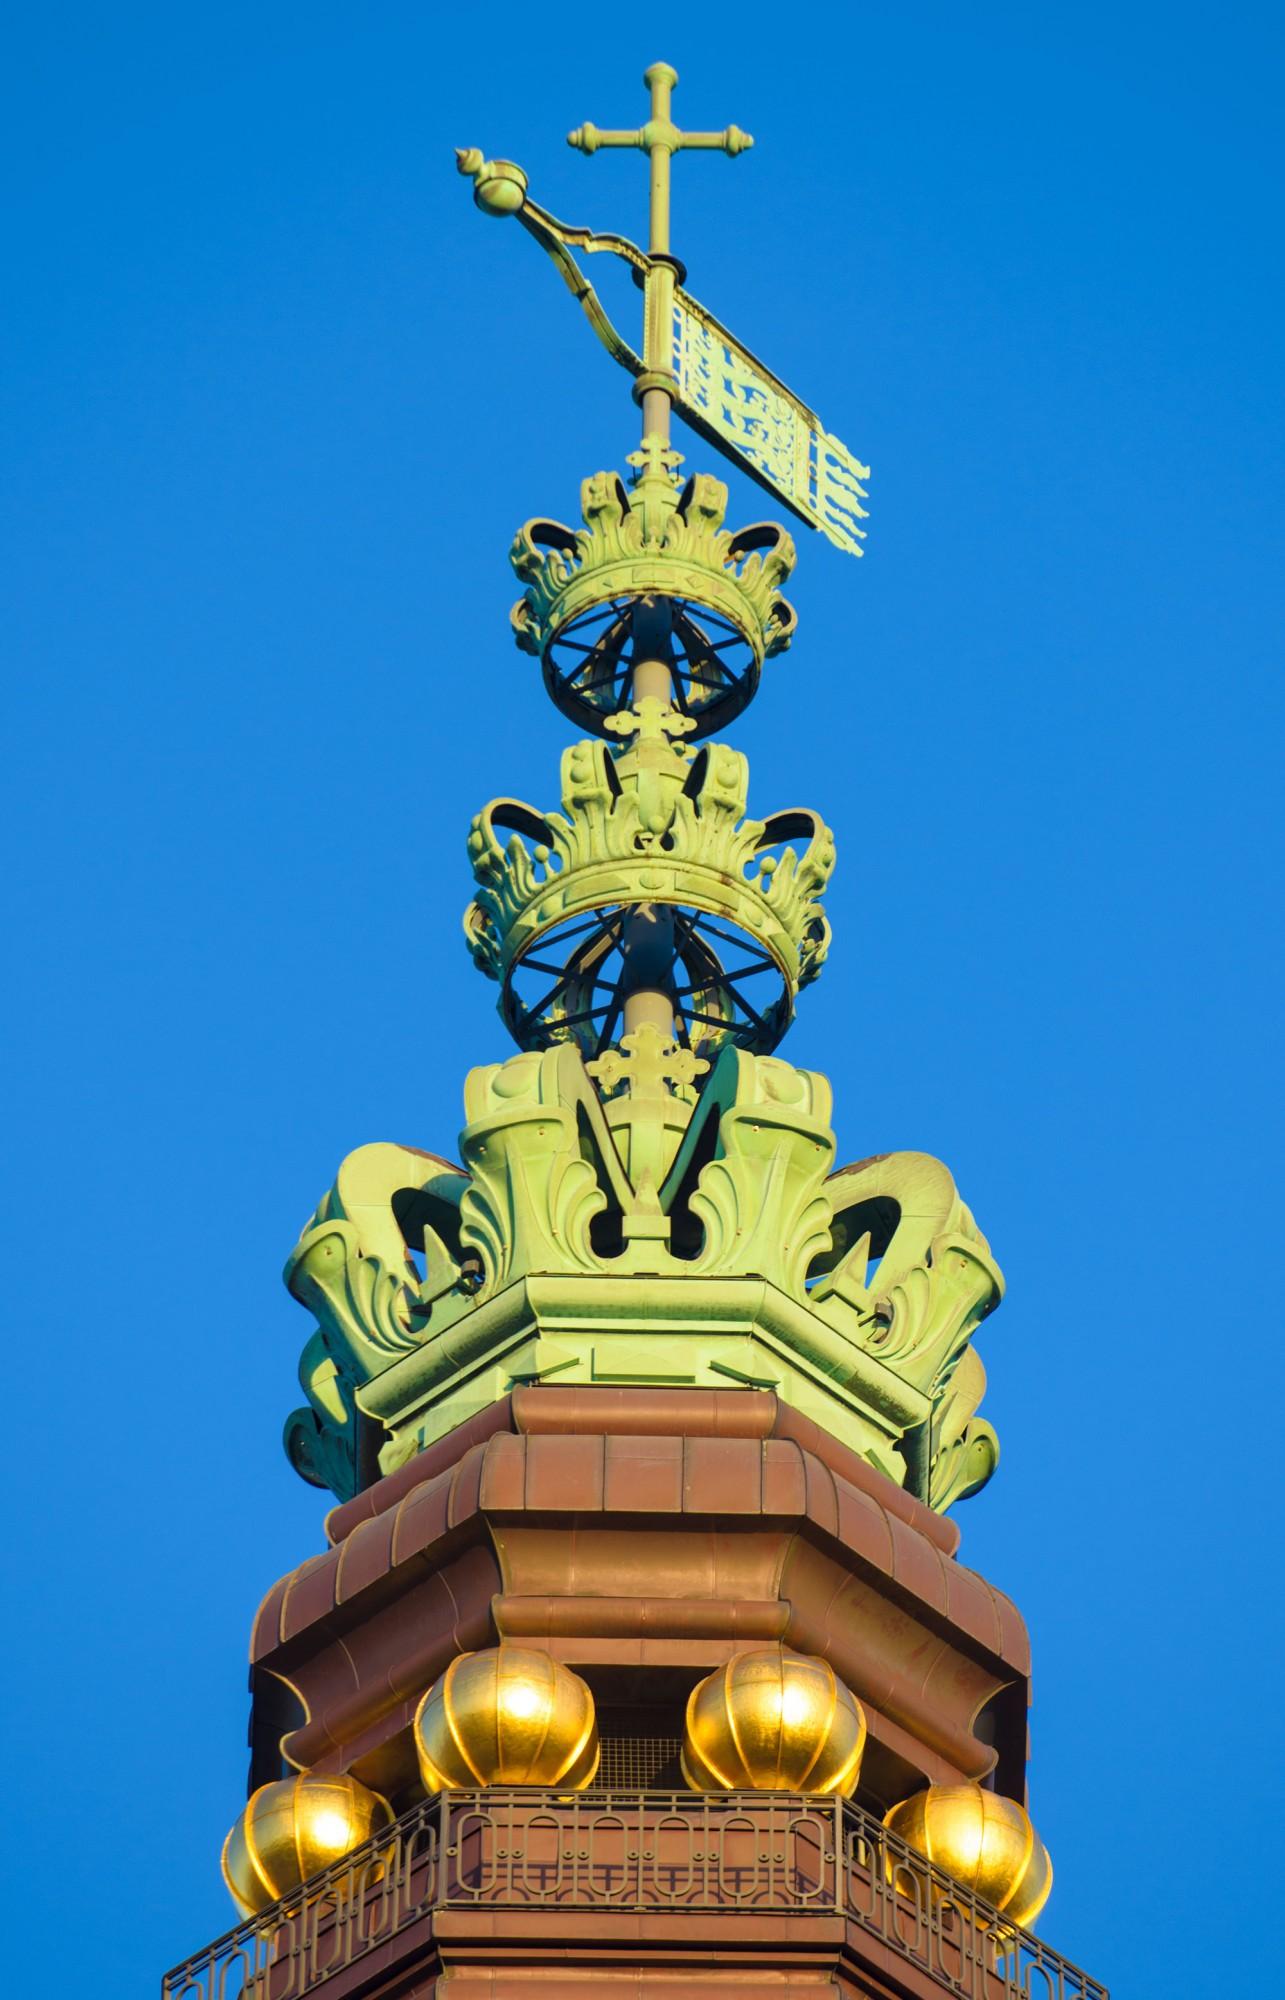 ChristiansBorg tårnspir